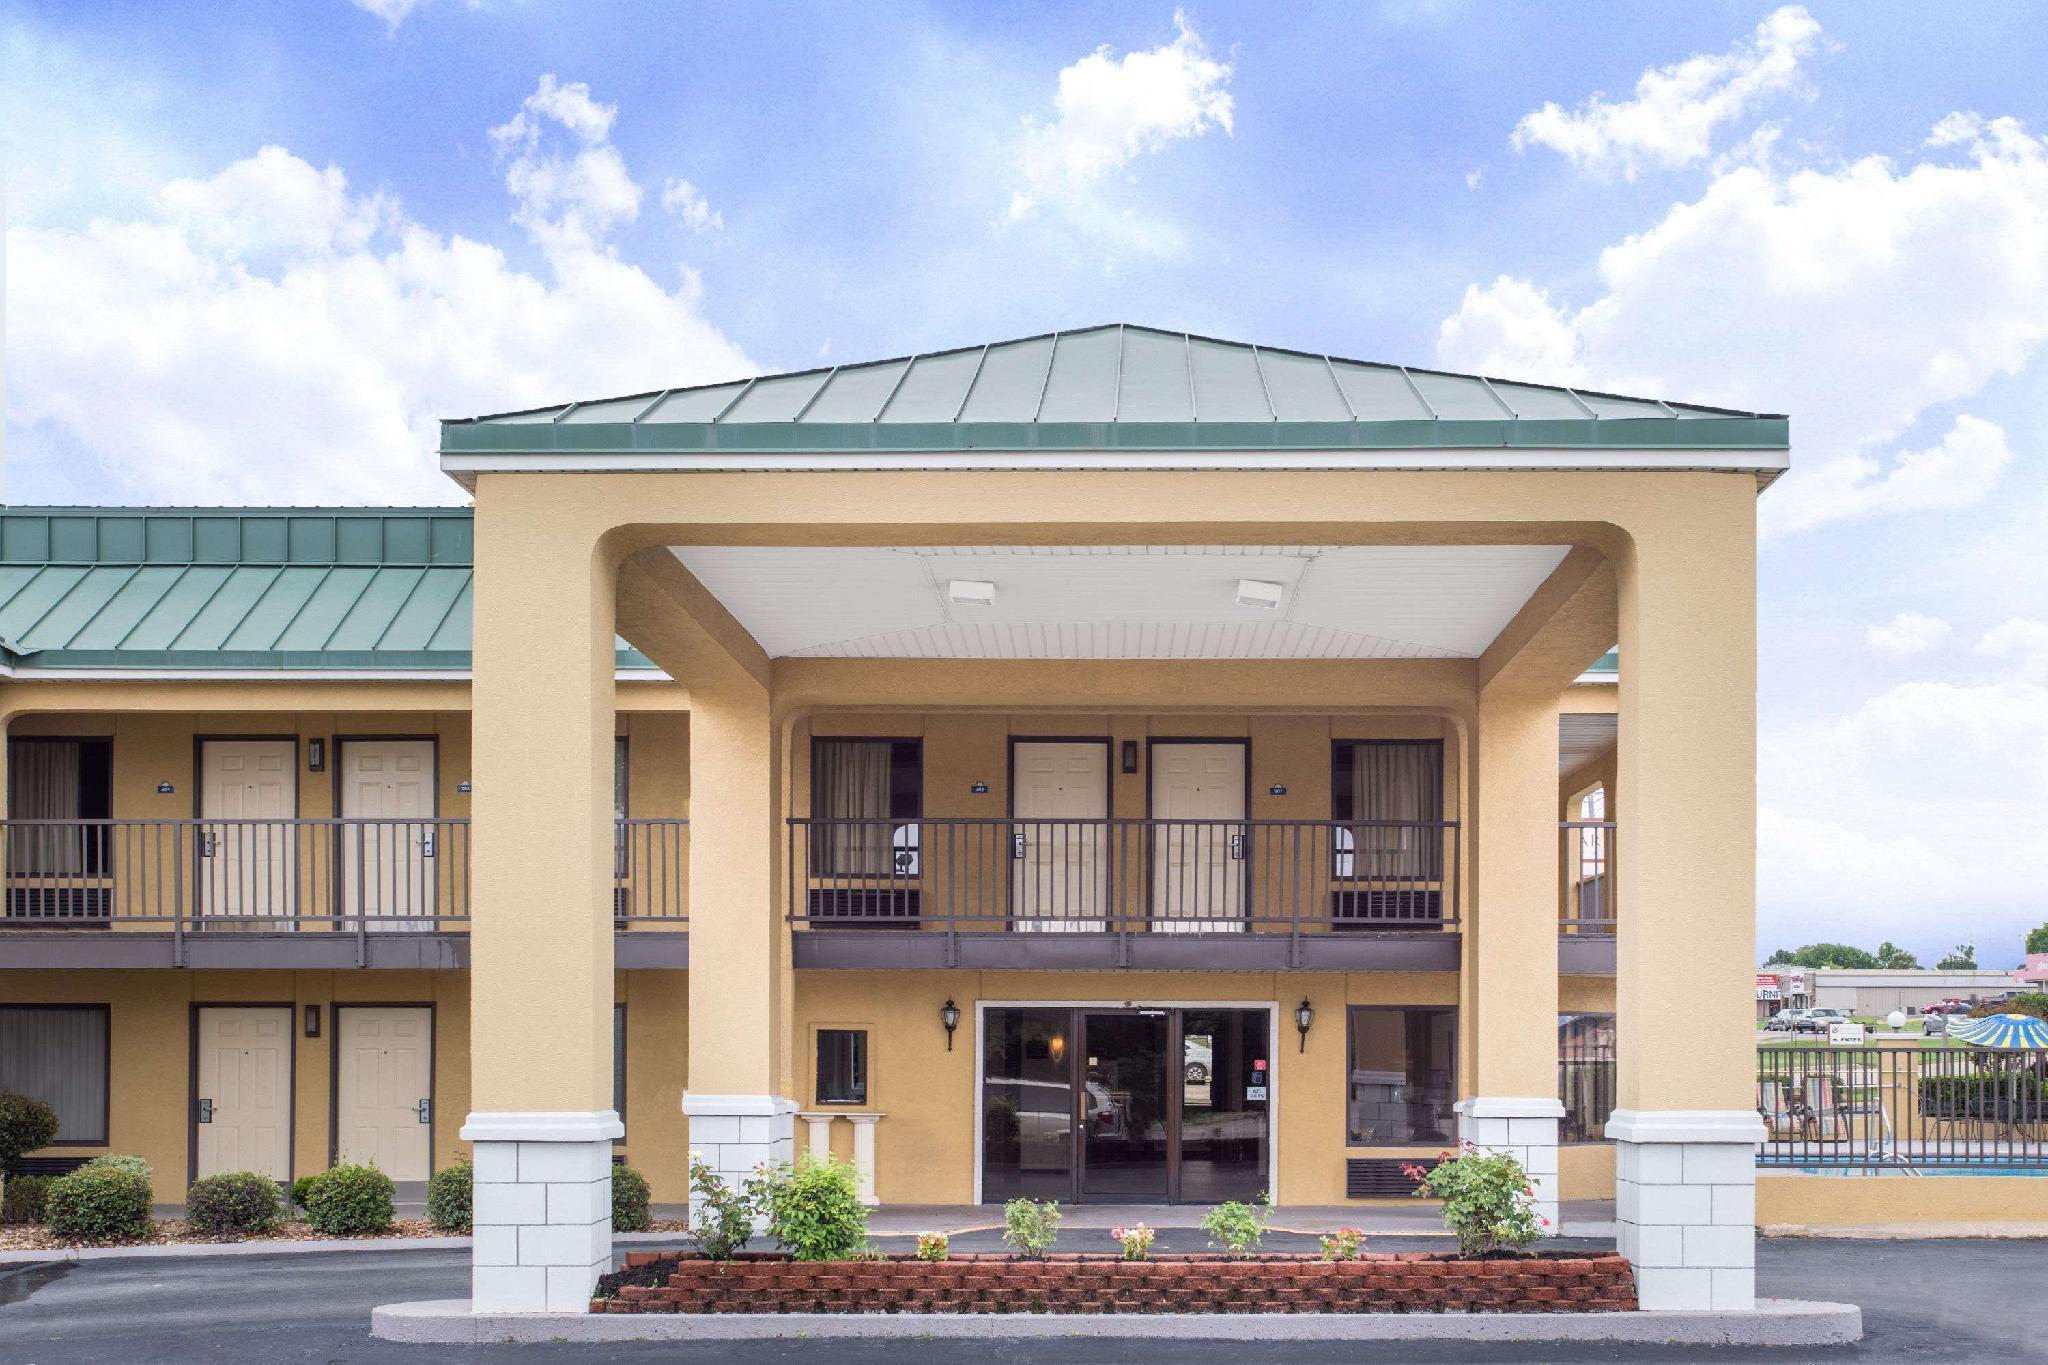 Days Inn By Wyndham Monticello